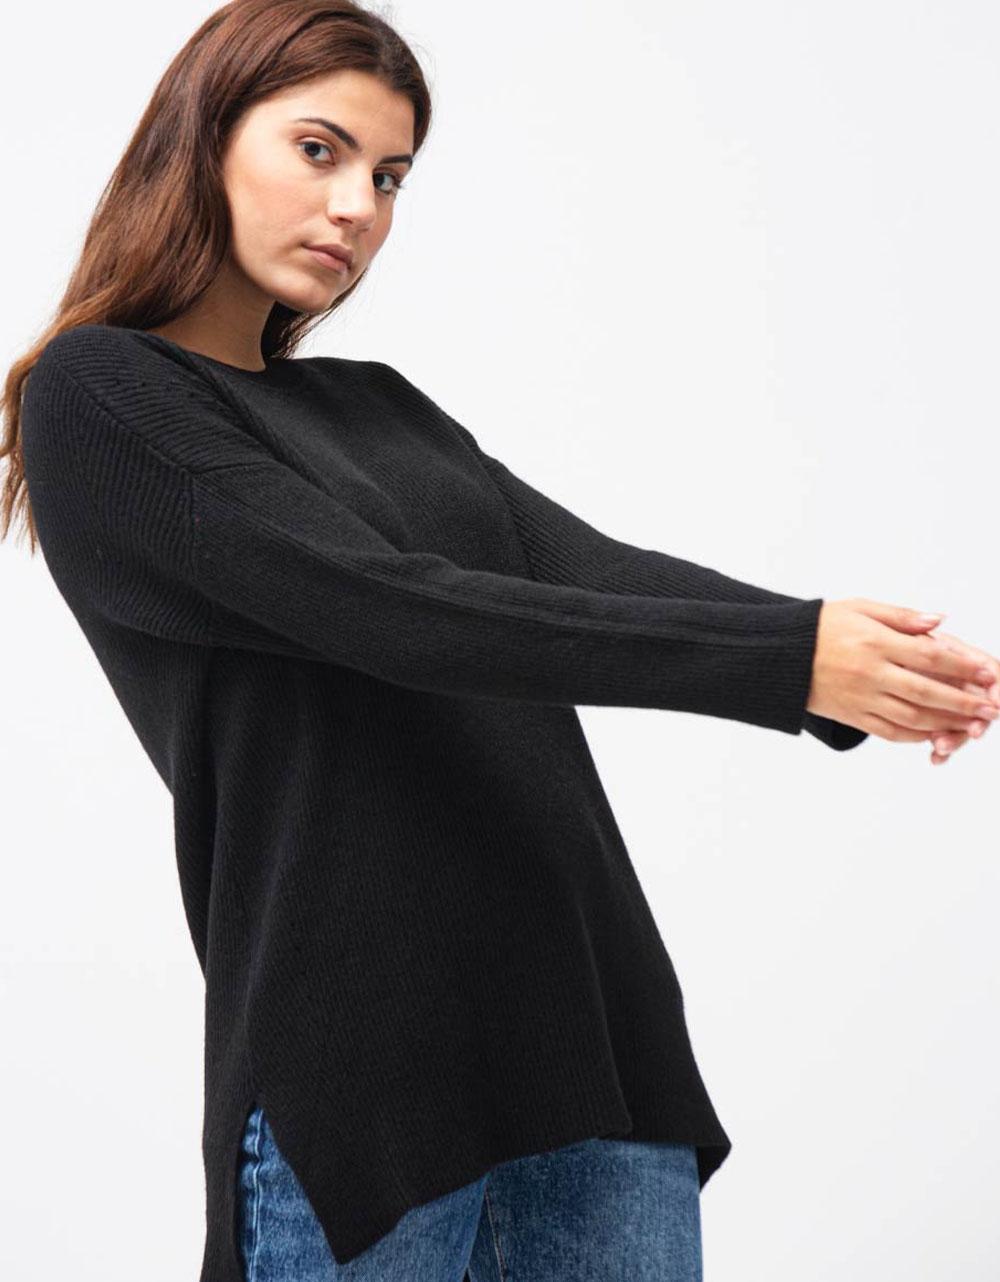 Εικόνα από Γυναικεία μπλούζα μακριά σε ασύμμετρο σχέδιο Μαύρο